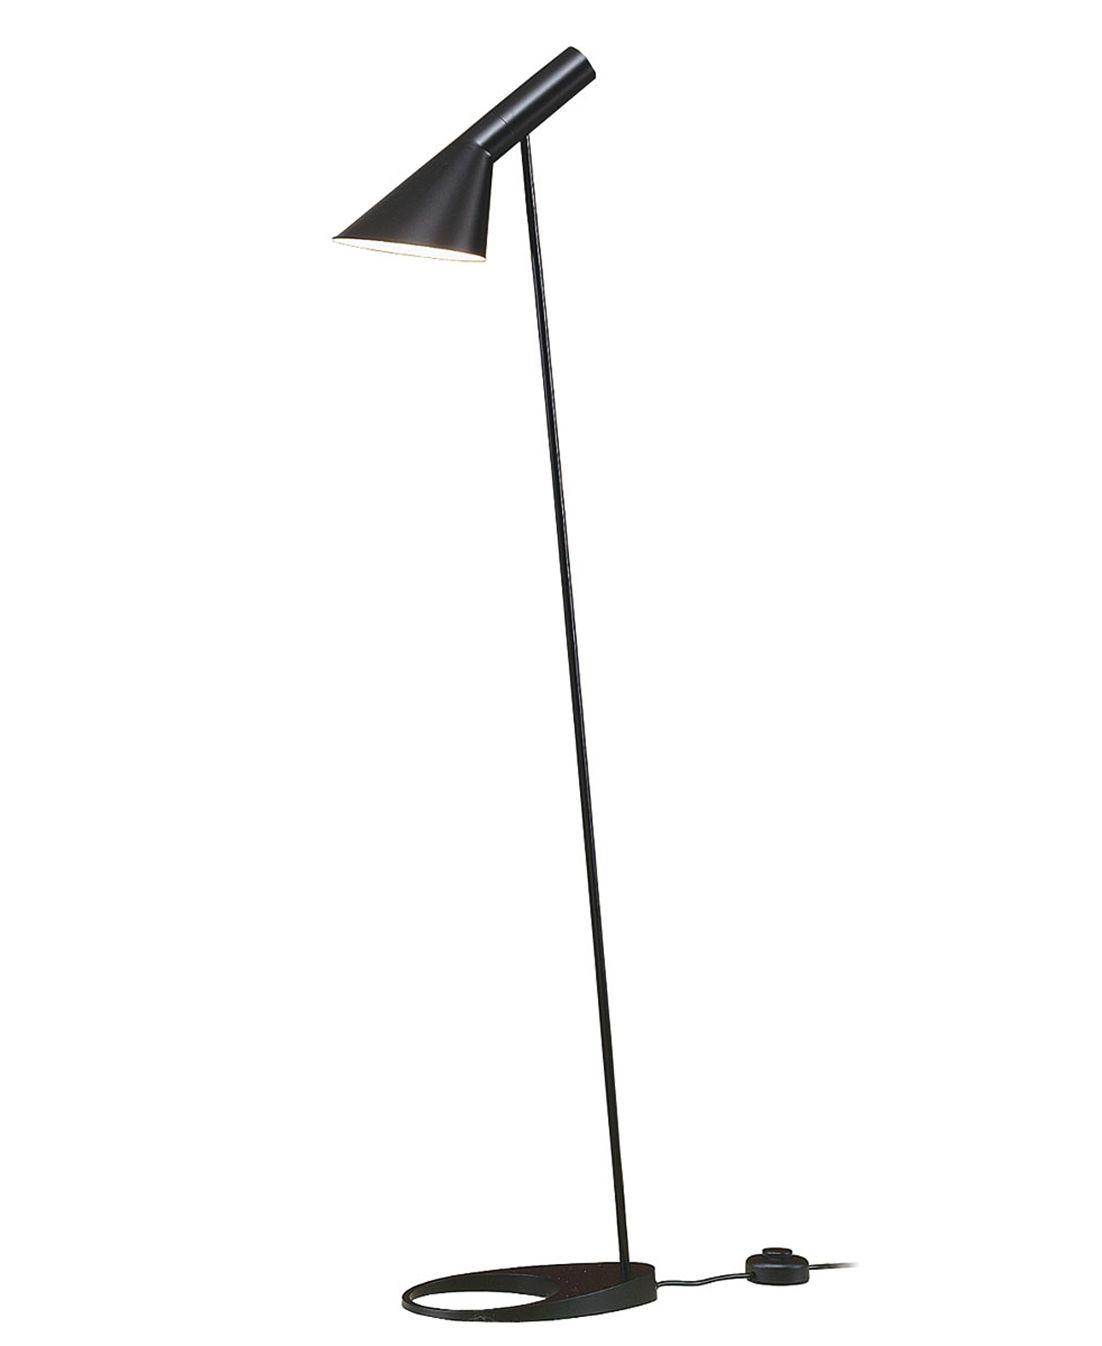 Bildergebnis für lampe arne jacobsen | Combining Colors | Pinterest ...